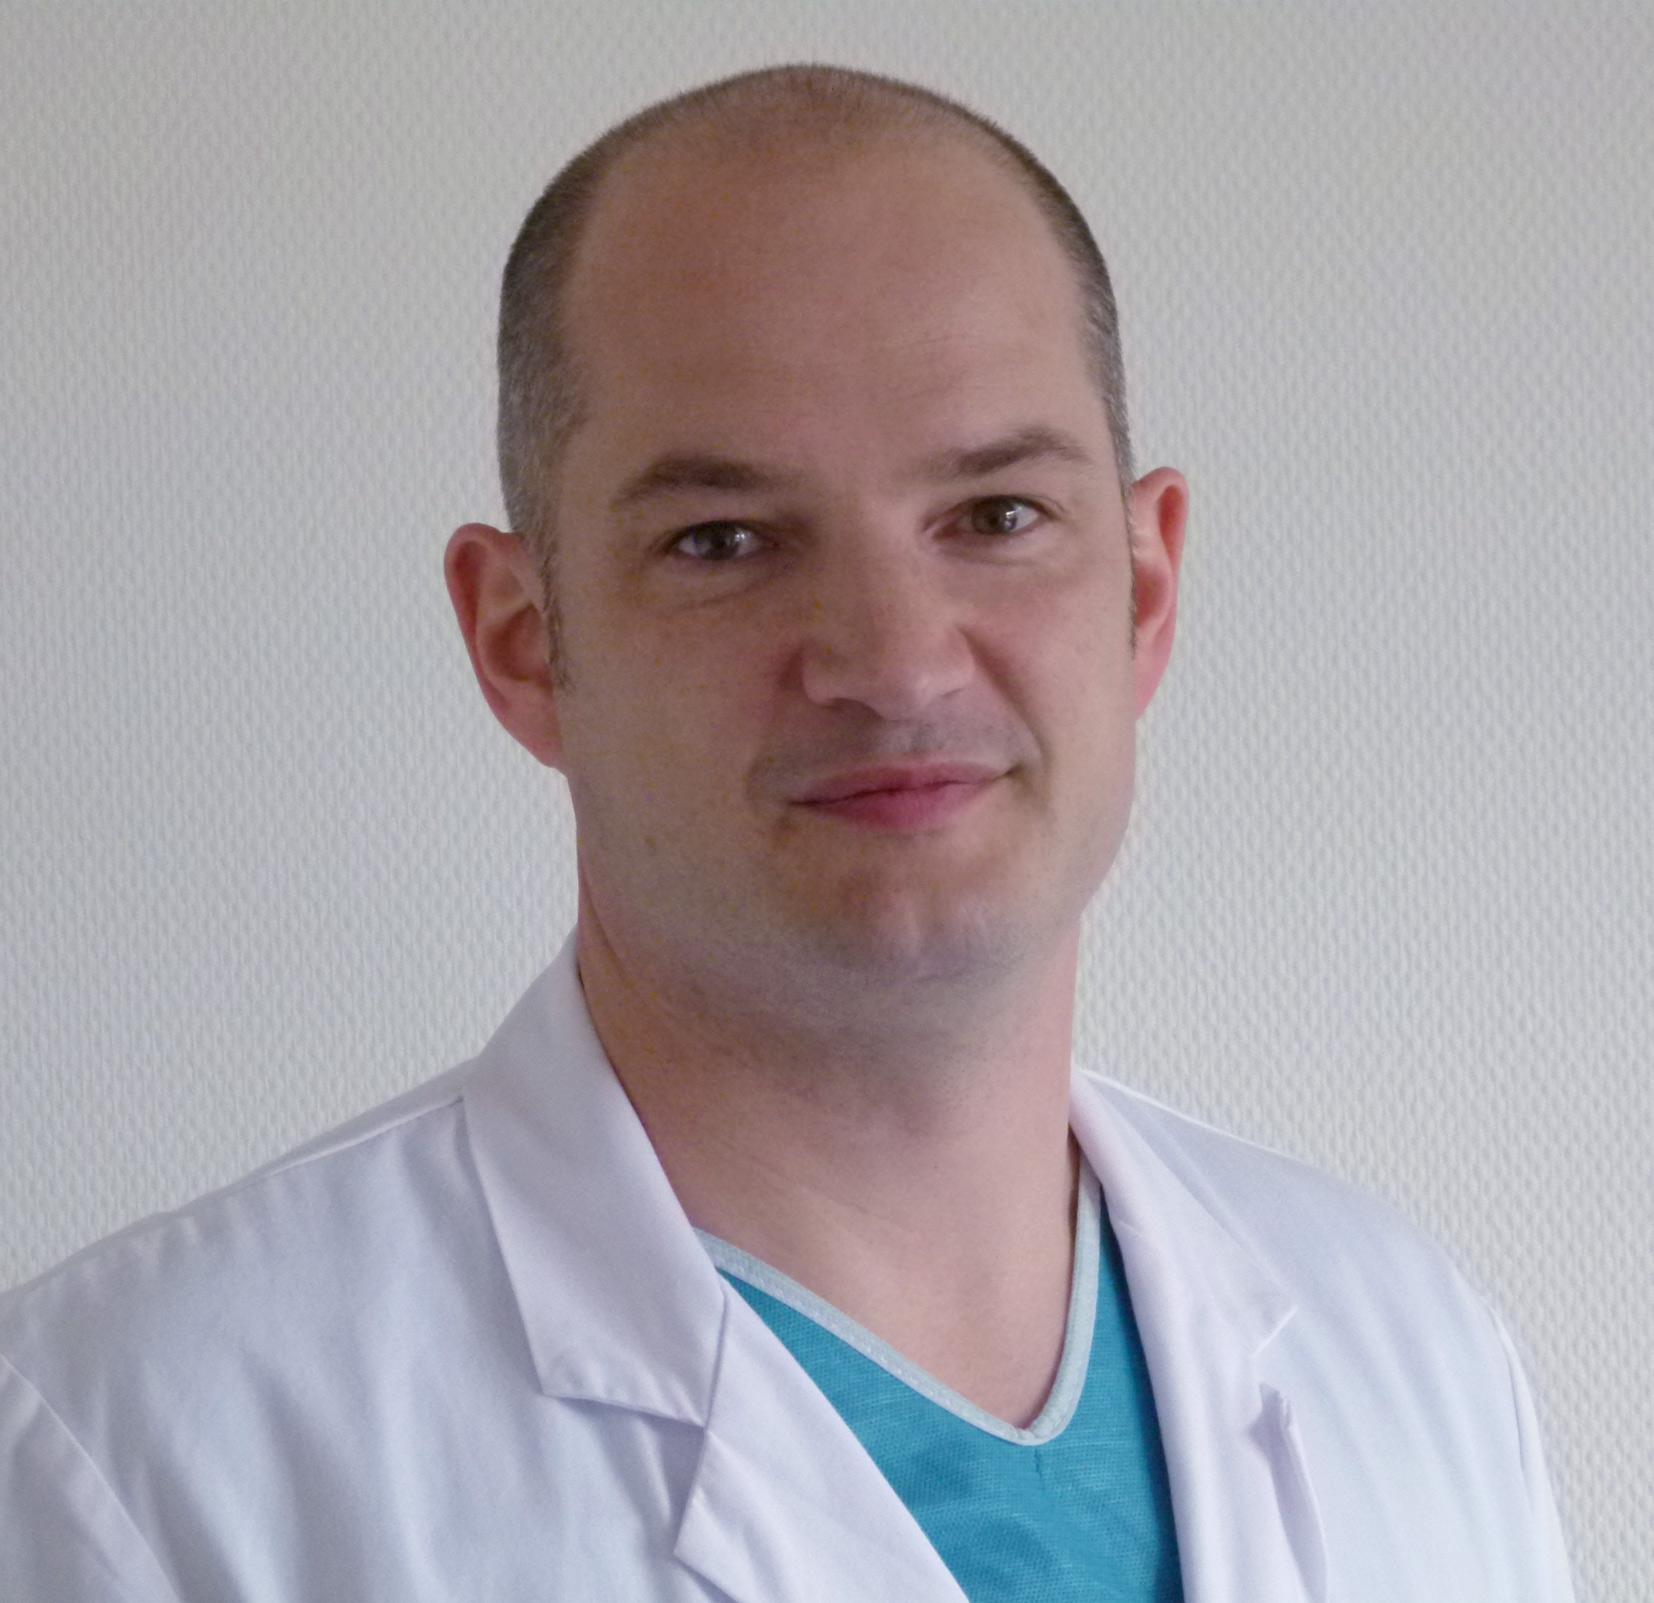 Dr Thomas Guillan